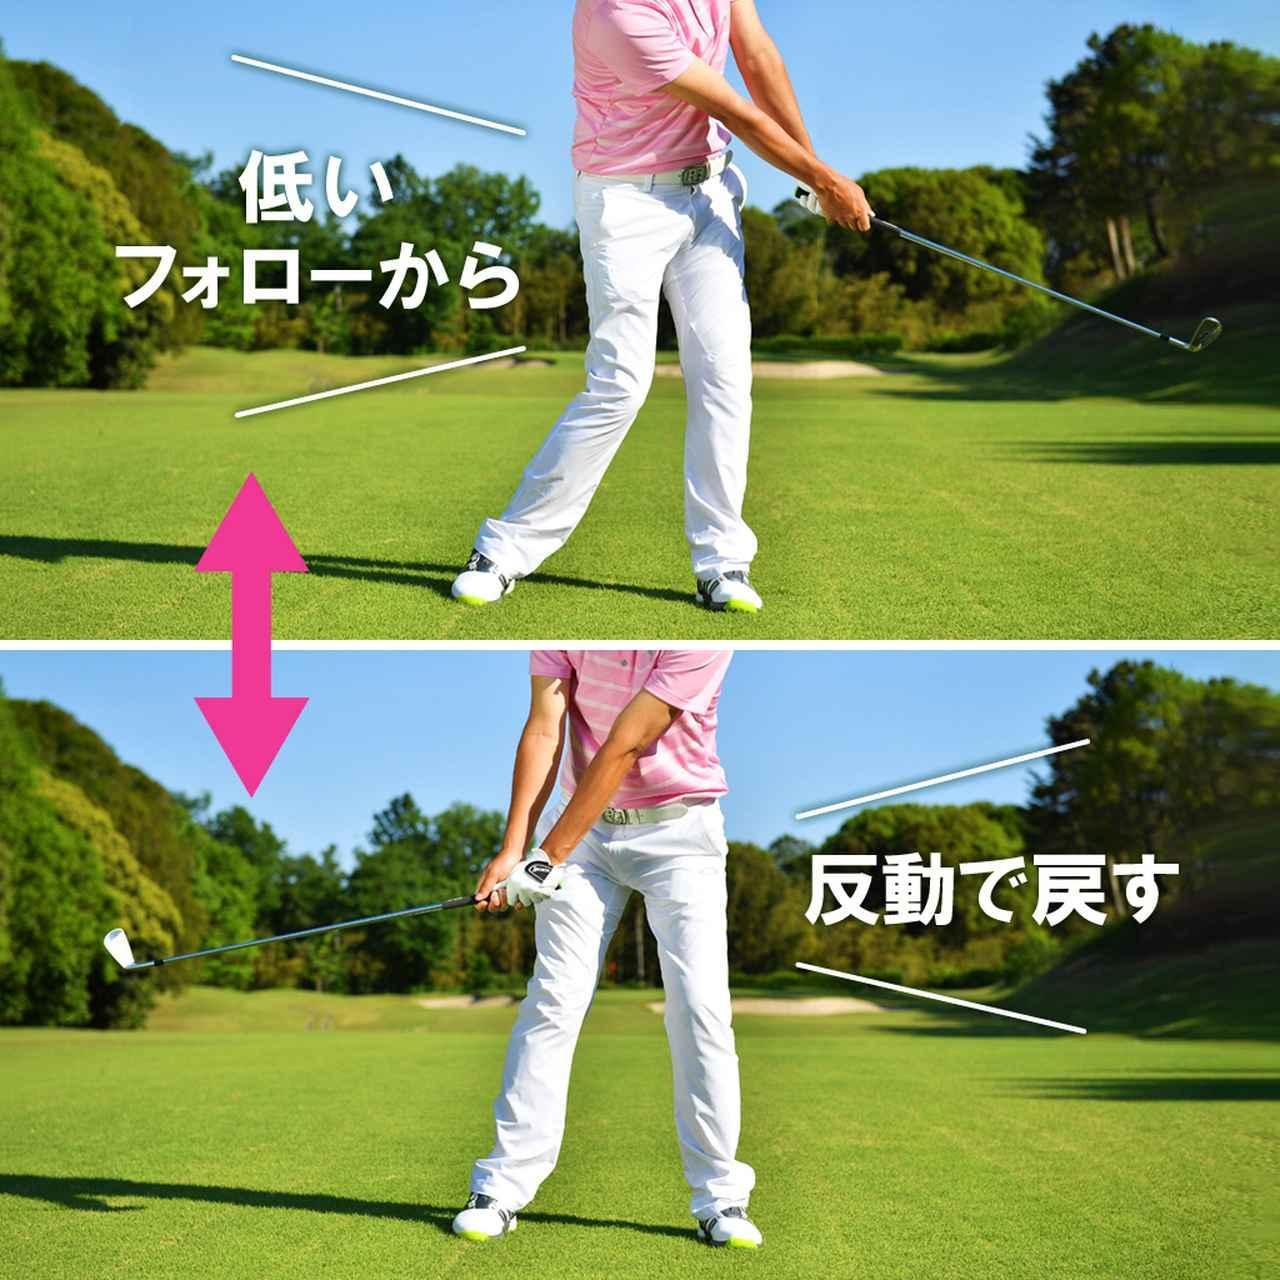 画像4: 厳選! 3つの練習法